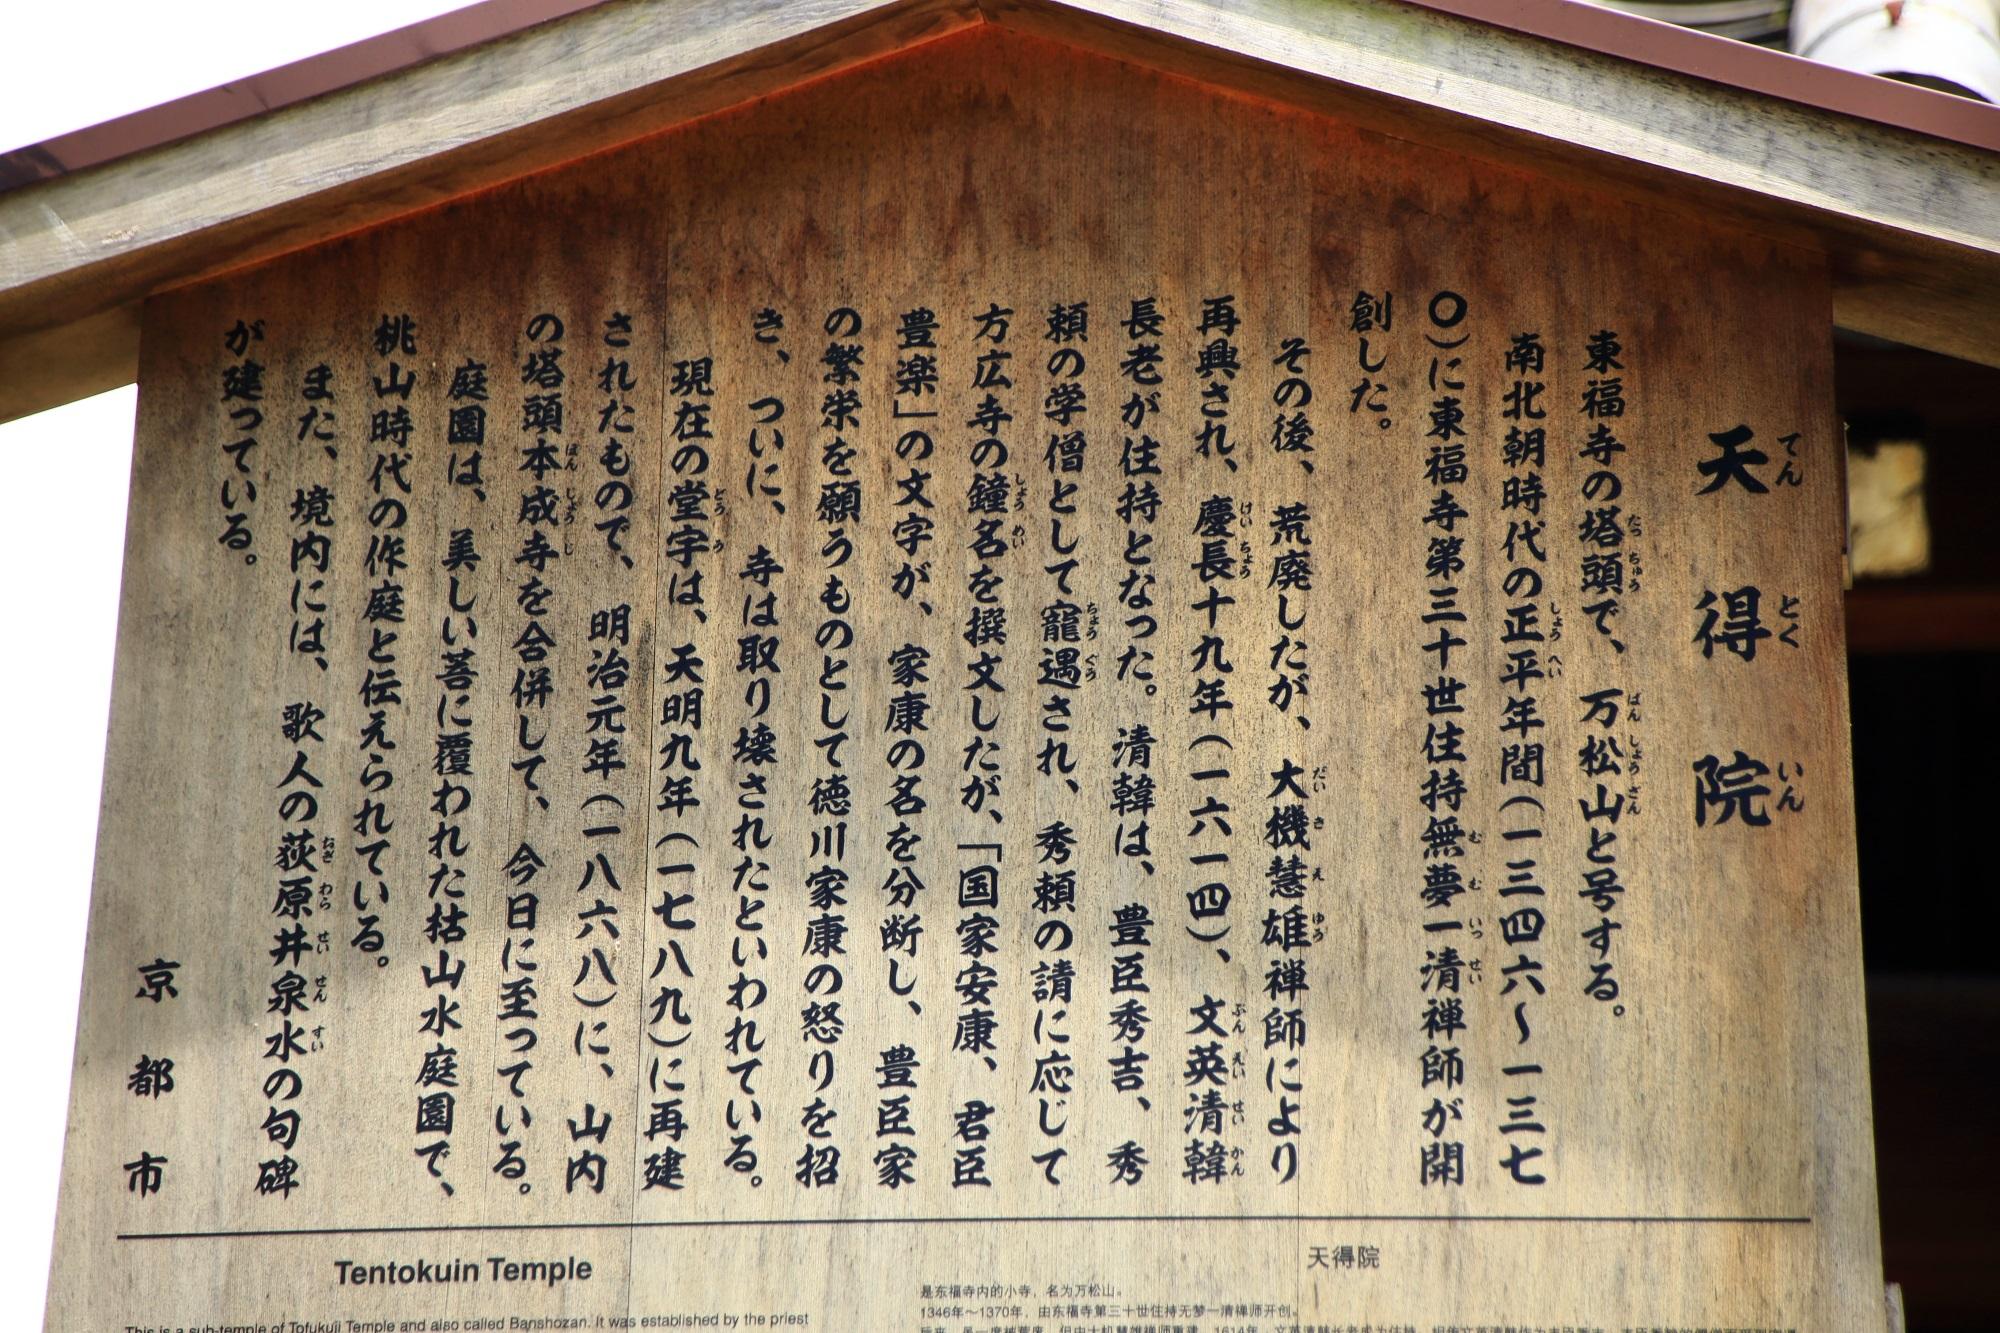 東福寺塔頭の天得院の説明